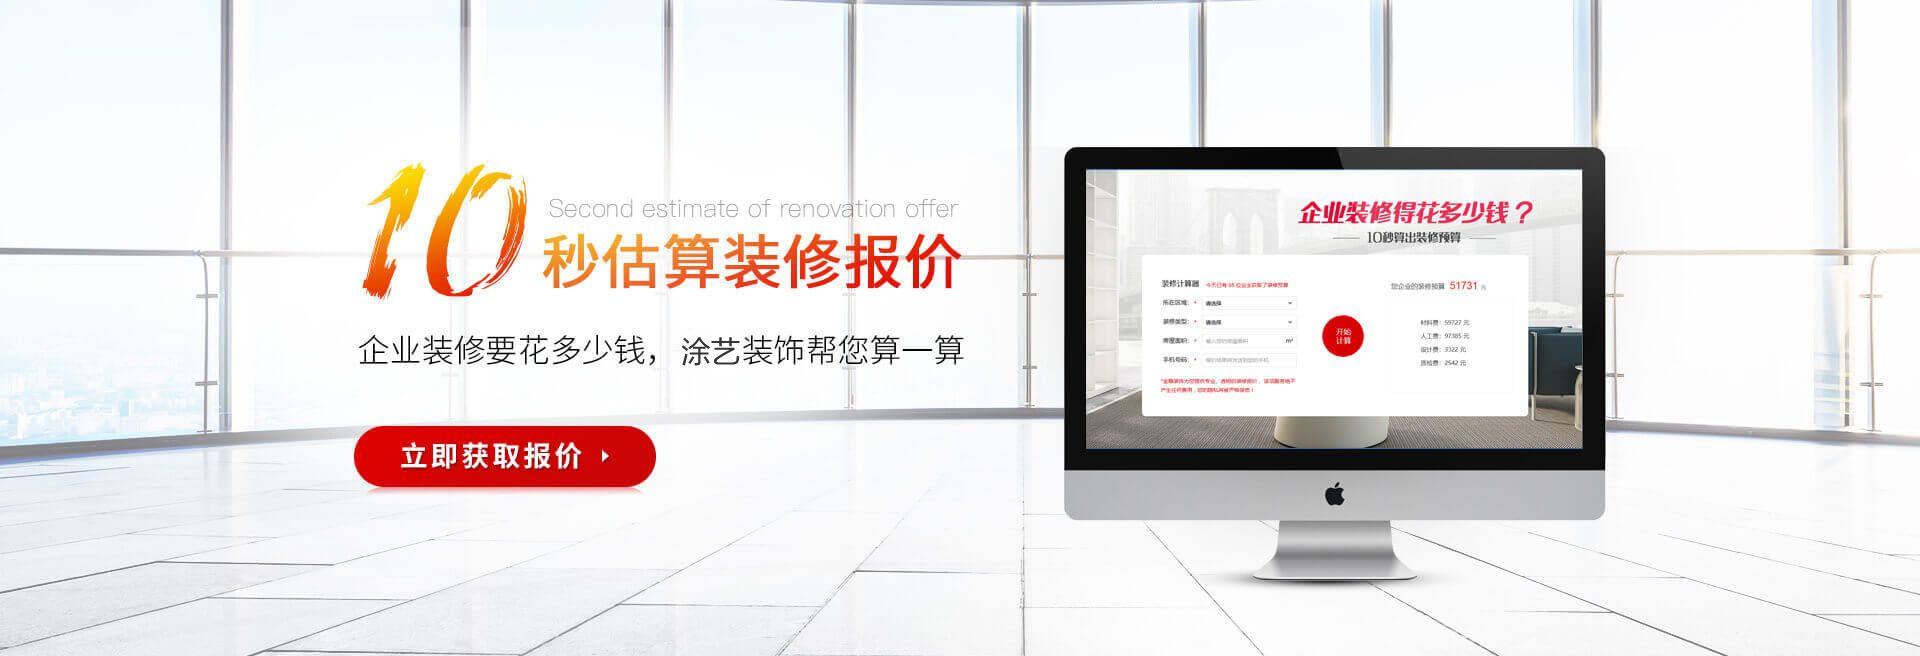 广州厂房龙8国际官网